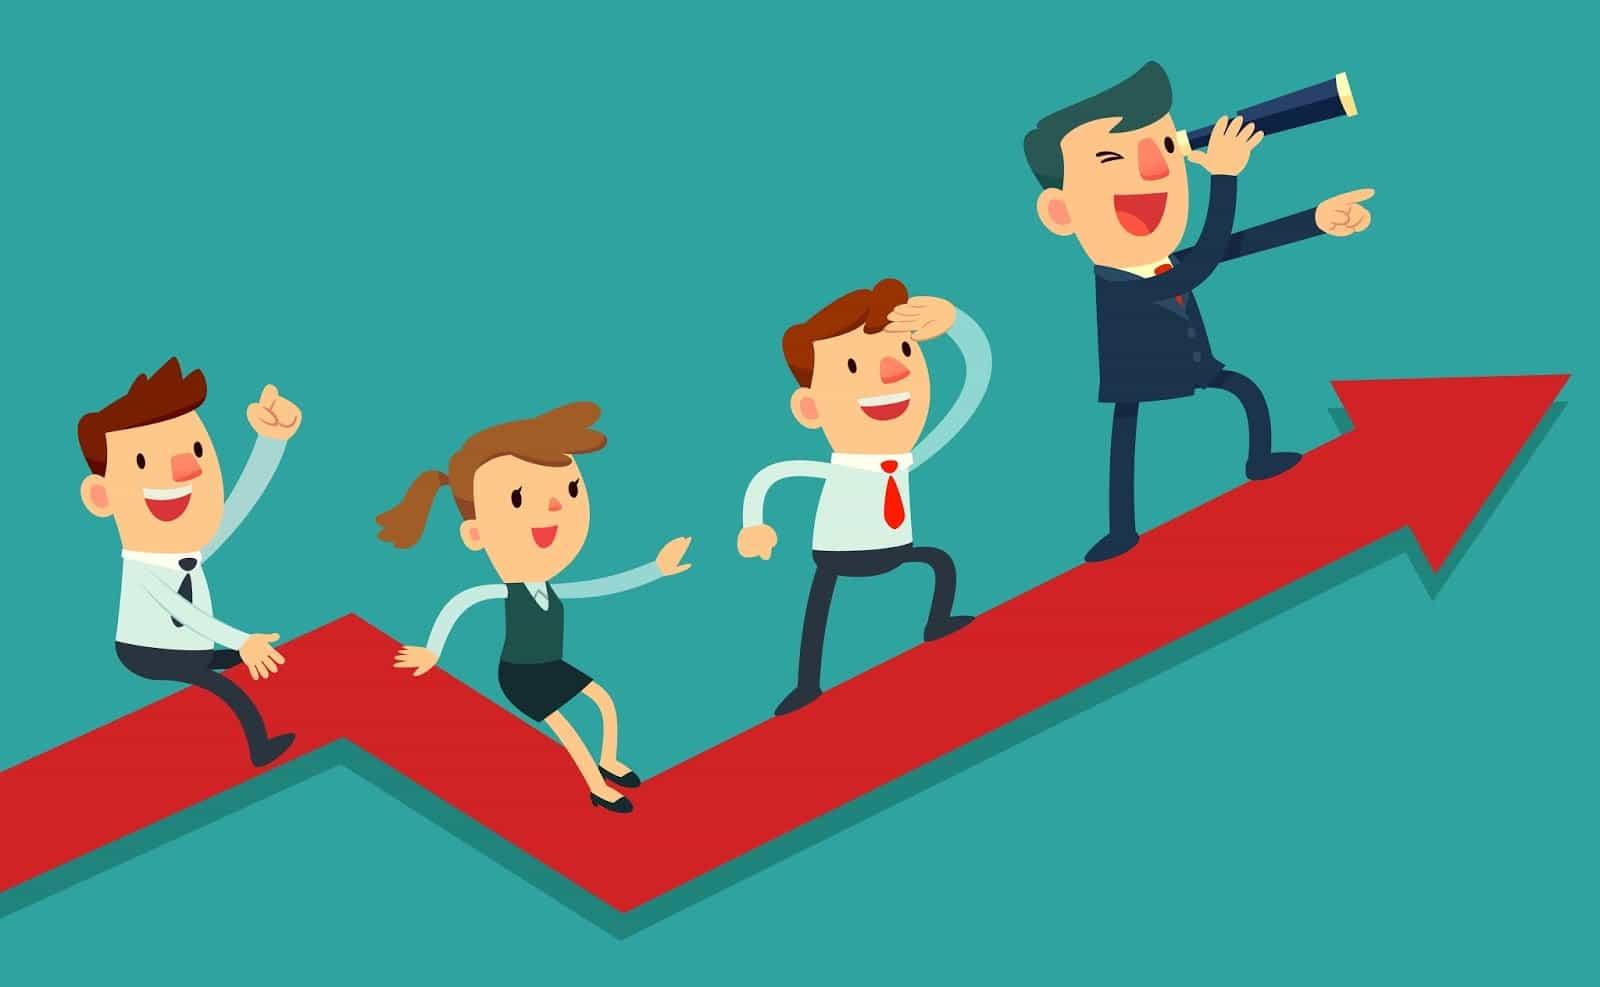 Lucruri de care trebuie să ții cont atunci când închei un contract de colaborare cu o agenție care se ocupă cu creerea de legături (link-uri).